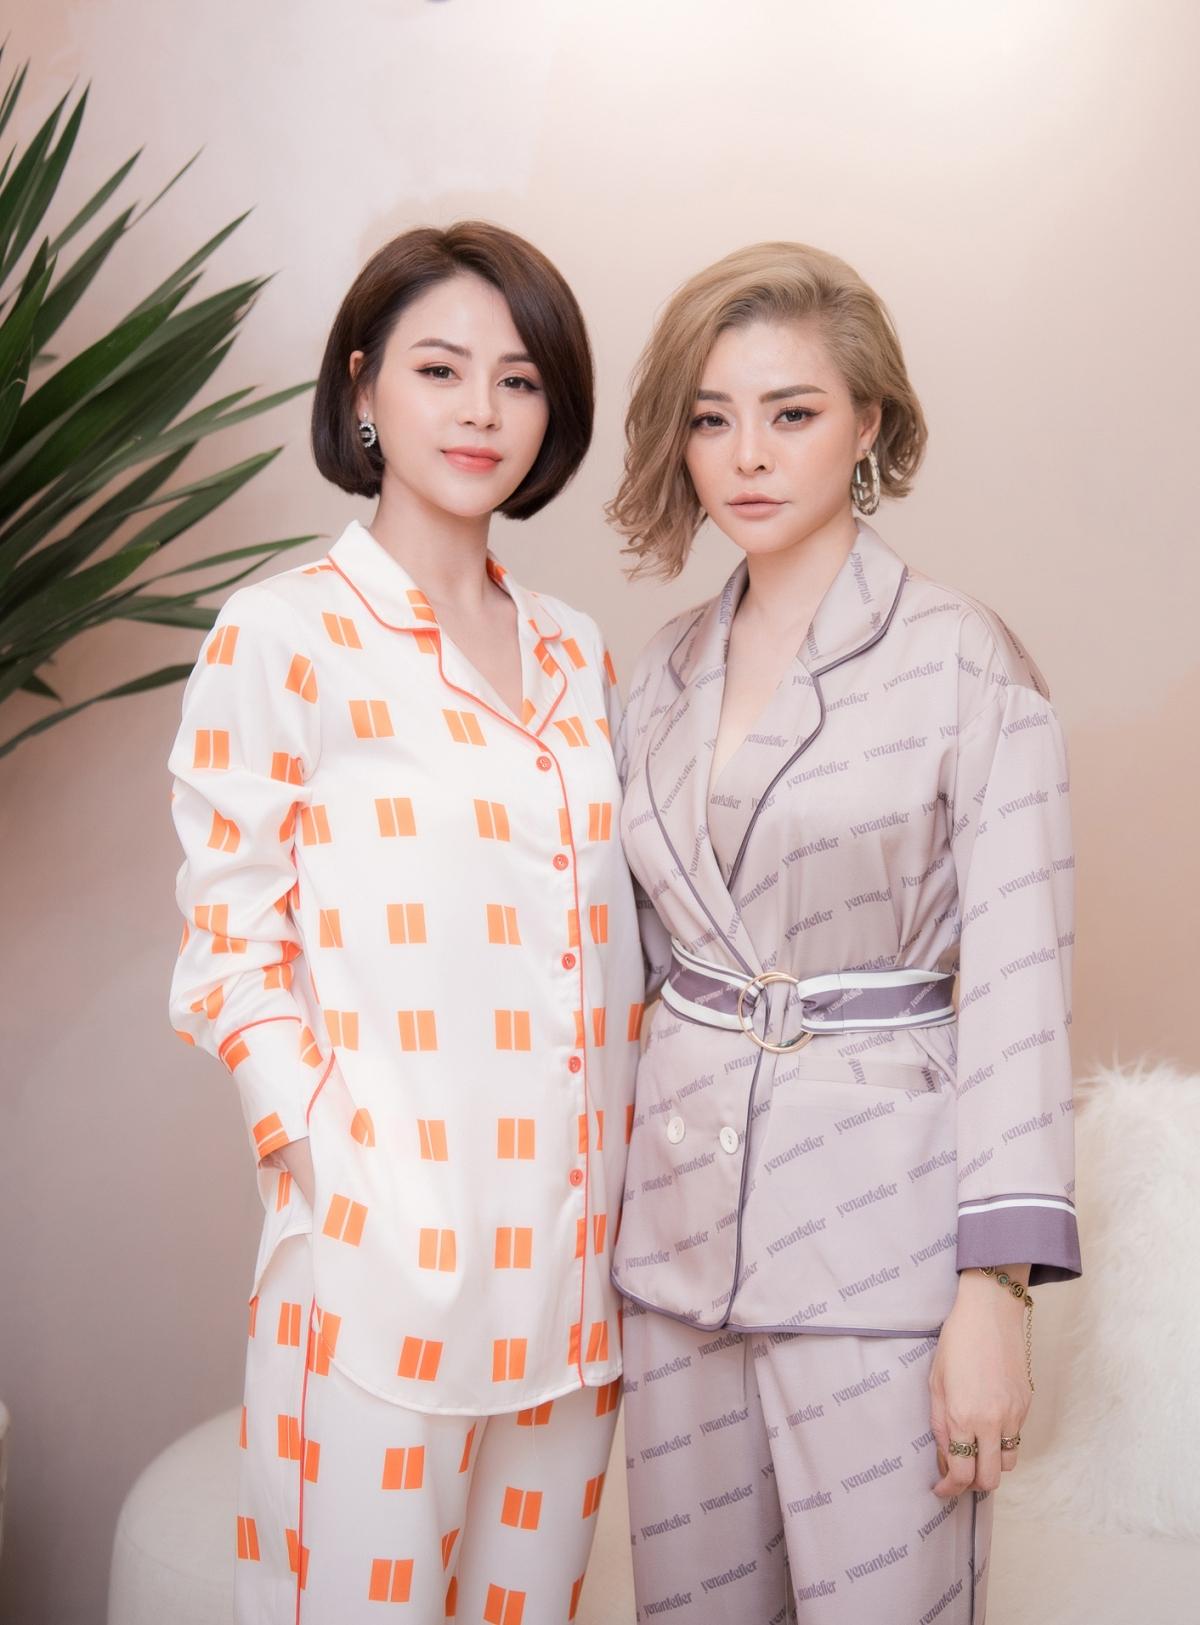 Gương mặt xinh đẹp và vóc dáng cao ráo khiến Thu Trang rất nổi bật dù diện trang phục pijama.